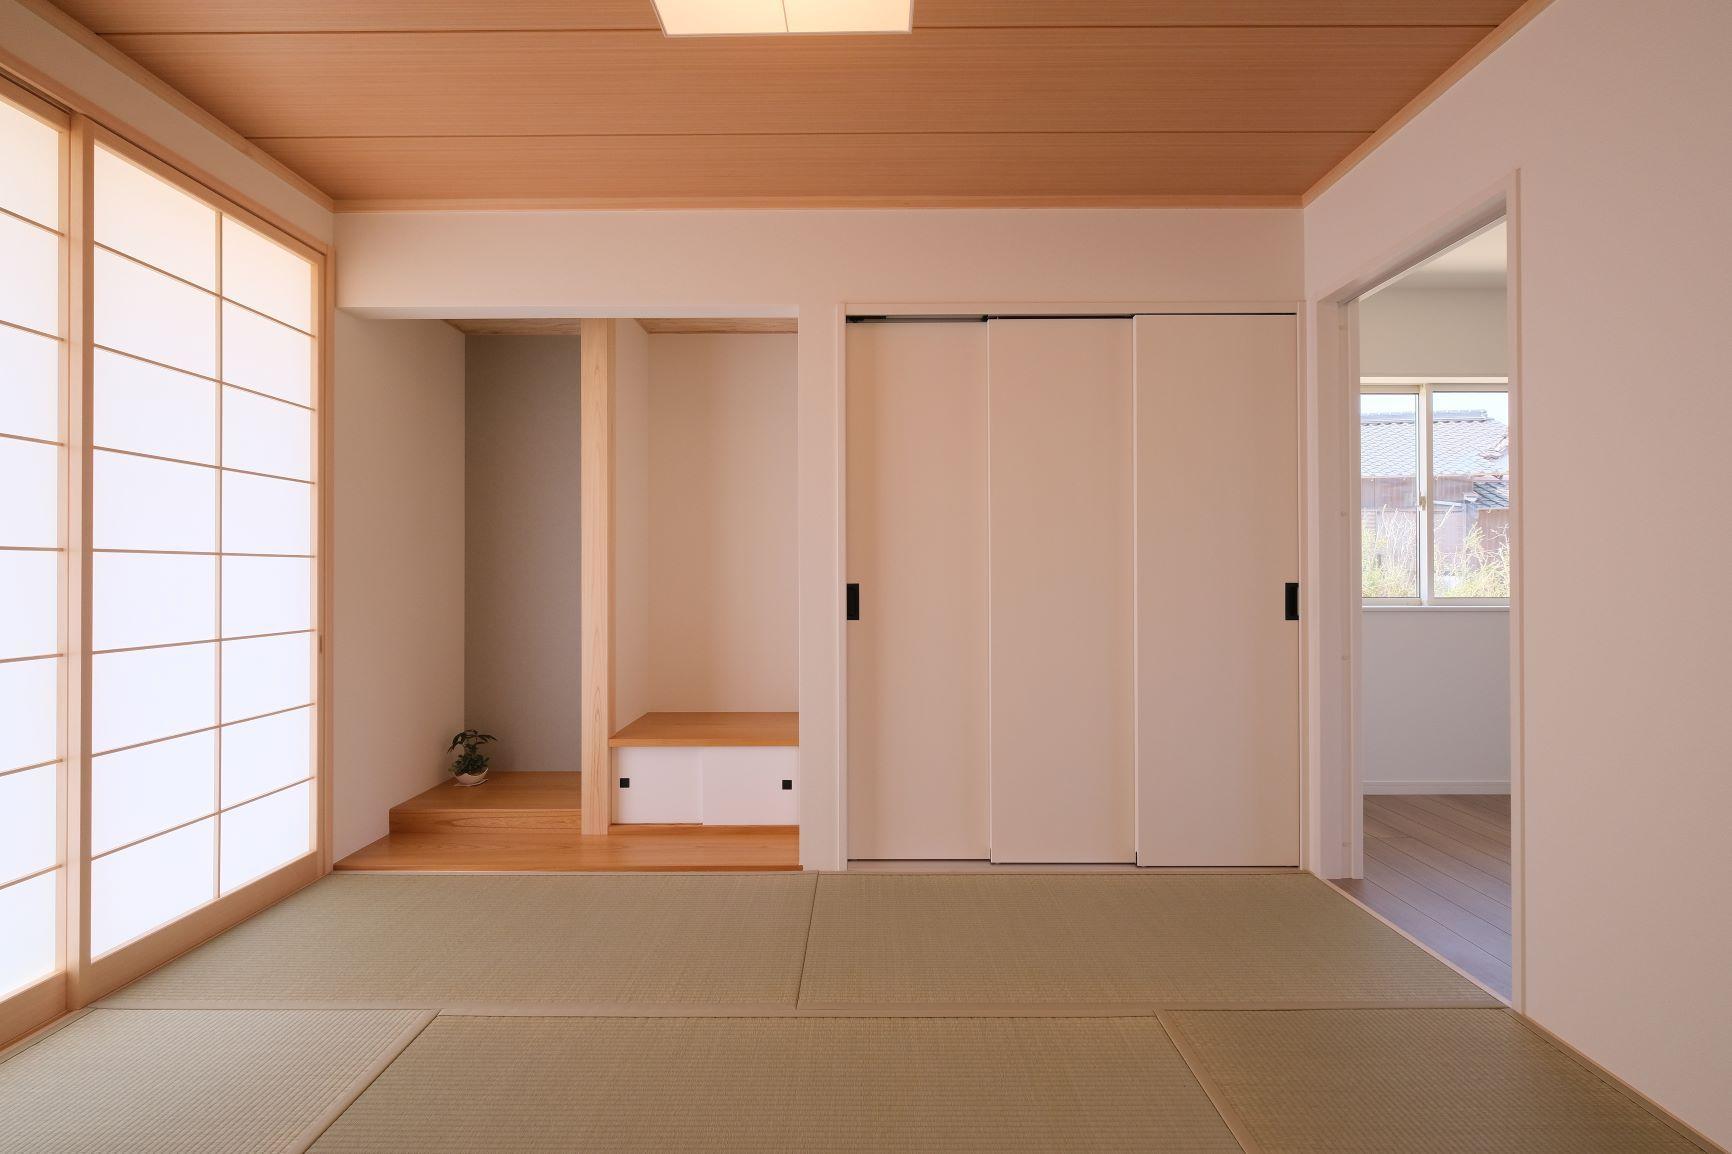 シンプルな和室 和室 モダン リフォーム 和室 モダン 床の間 和室